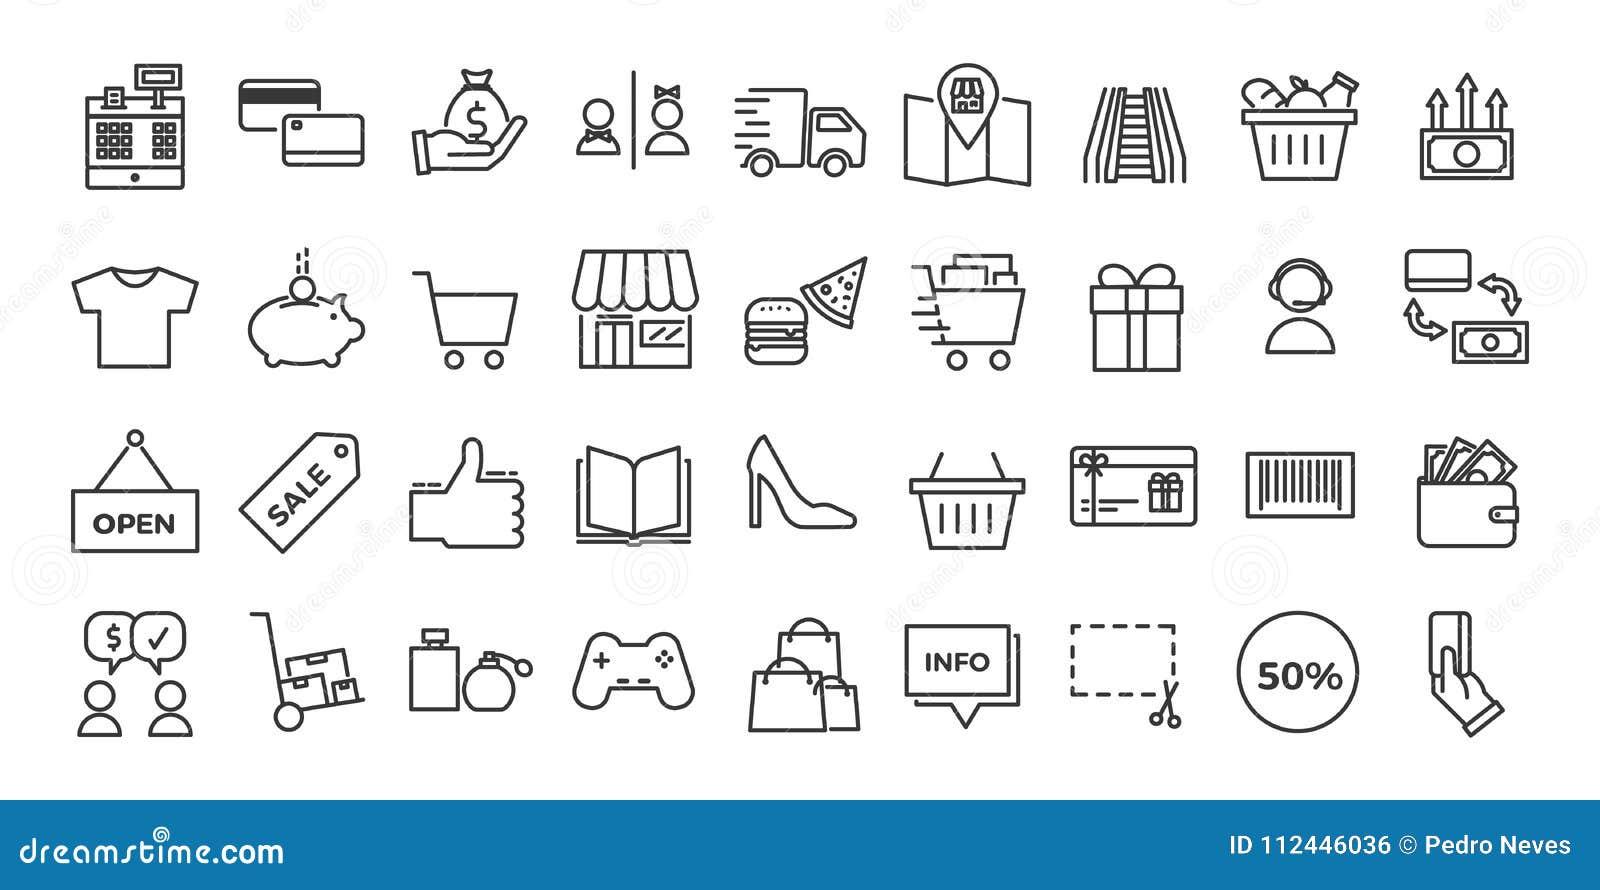 Symboler släkta med kommers, shoppar, shoppinggallerior, detaljhandel